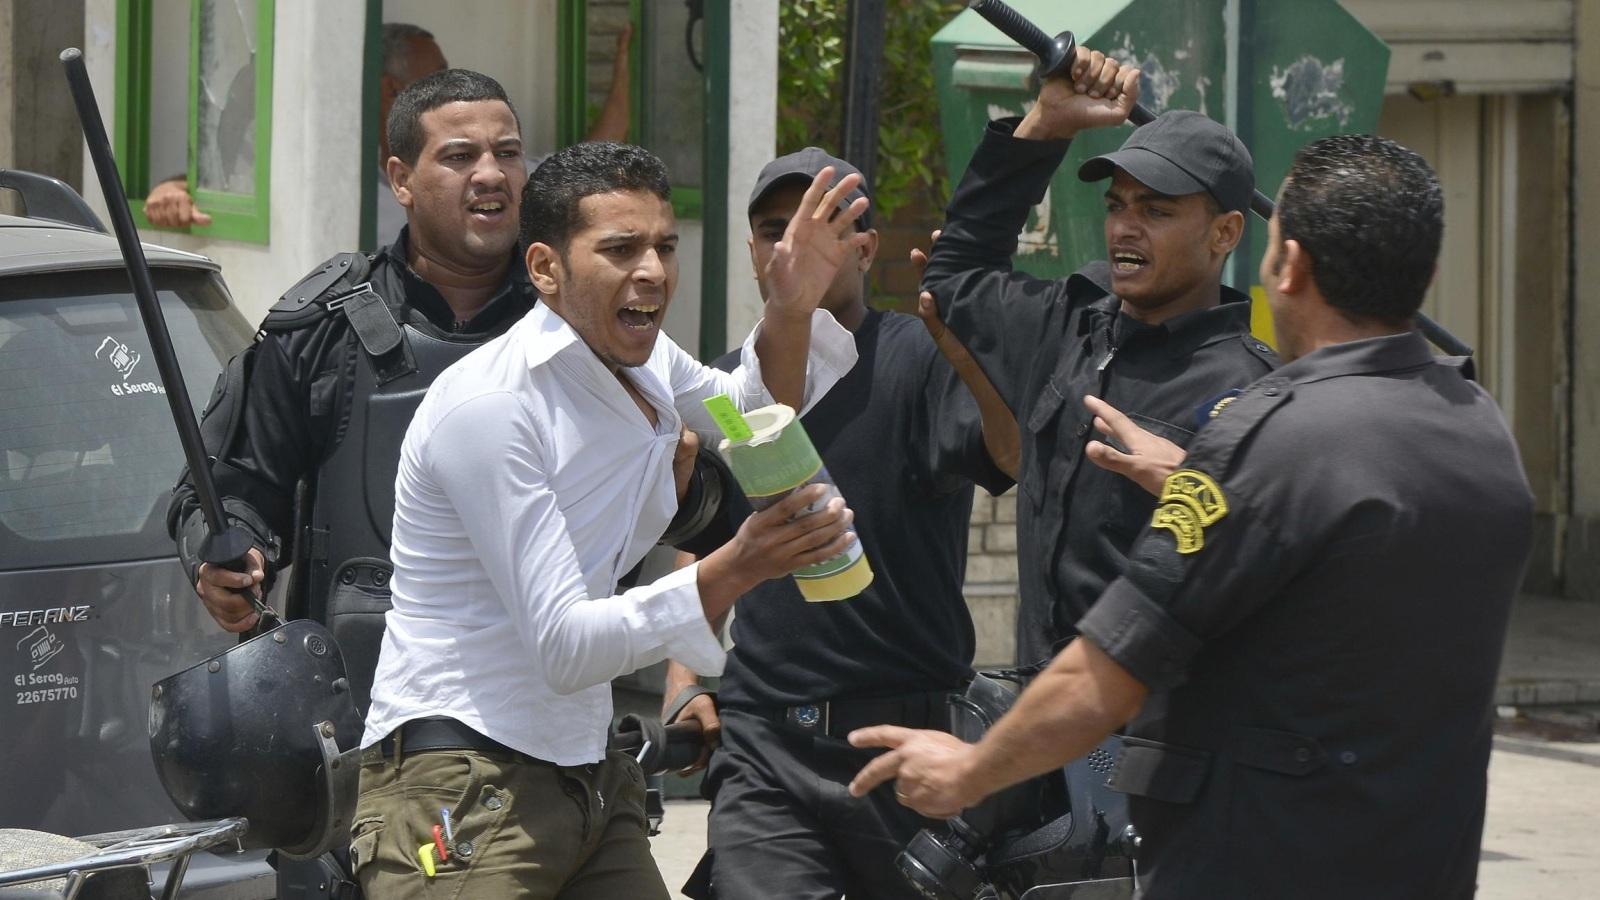 جيروزاليم بوست: السيسي (انتهك) حقوق الانسان وتجاوز المحظور